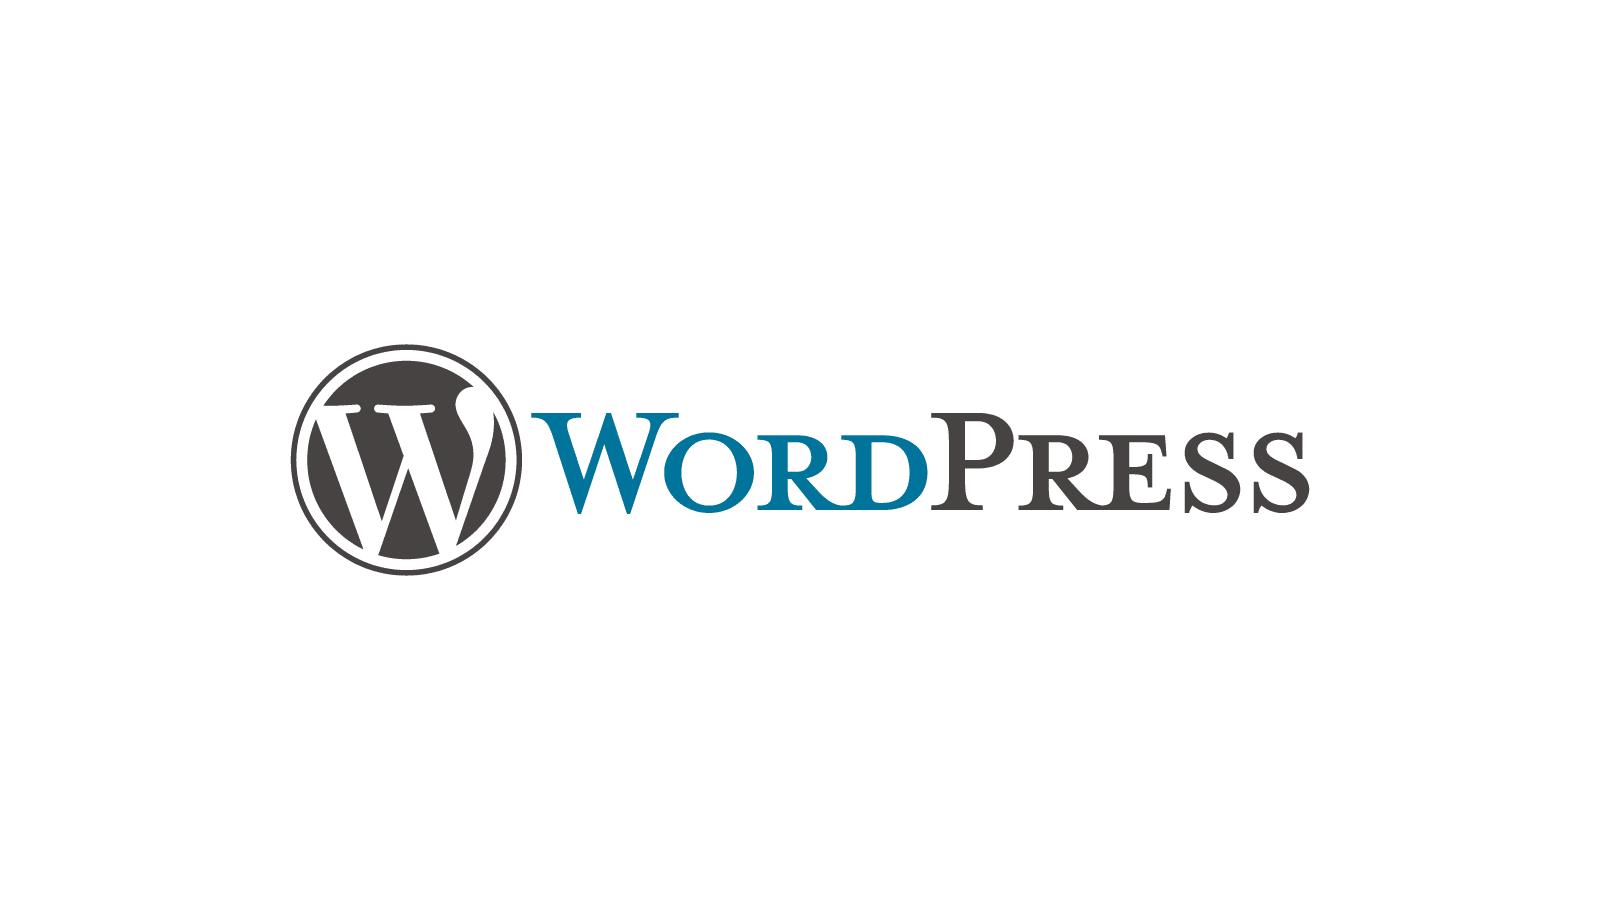 WordPressで管理画面ではなくフォームなどからユーザー登録させる時に便利な関数wp_create_userの使い方